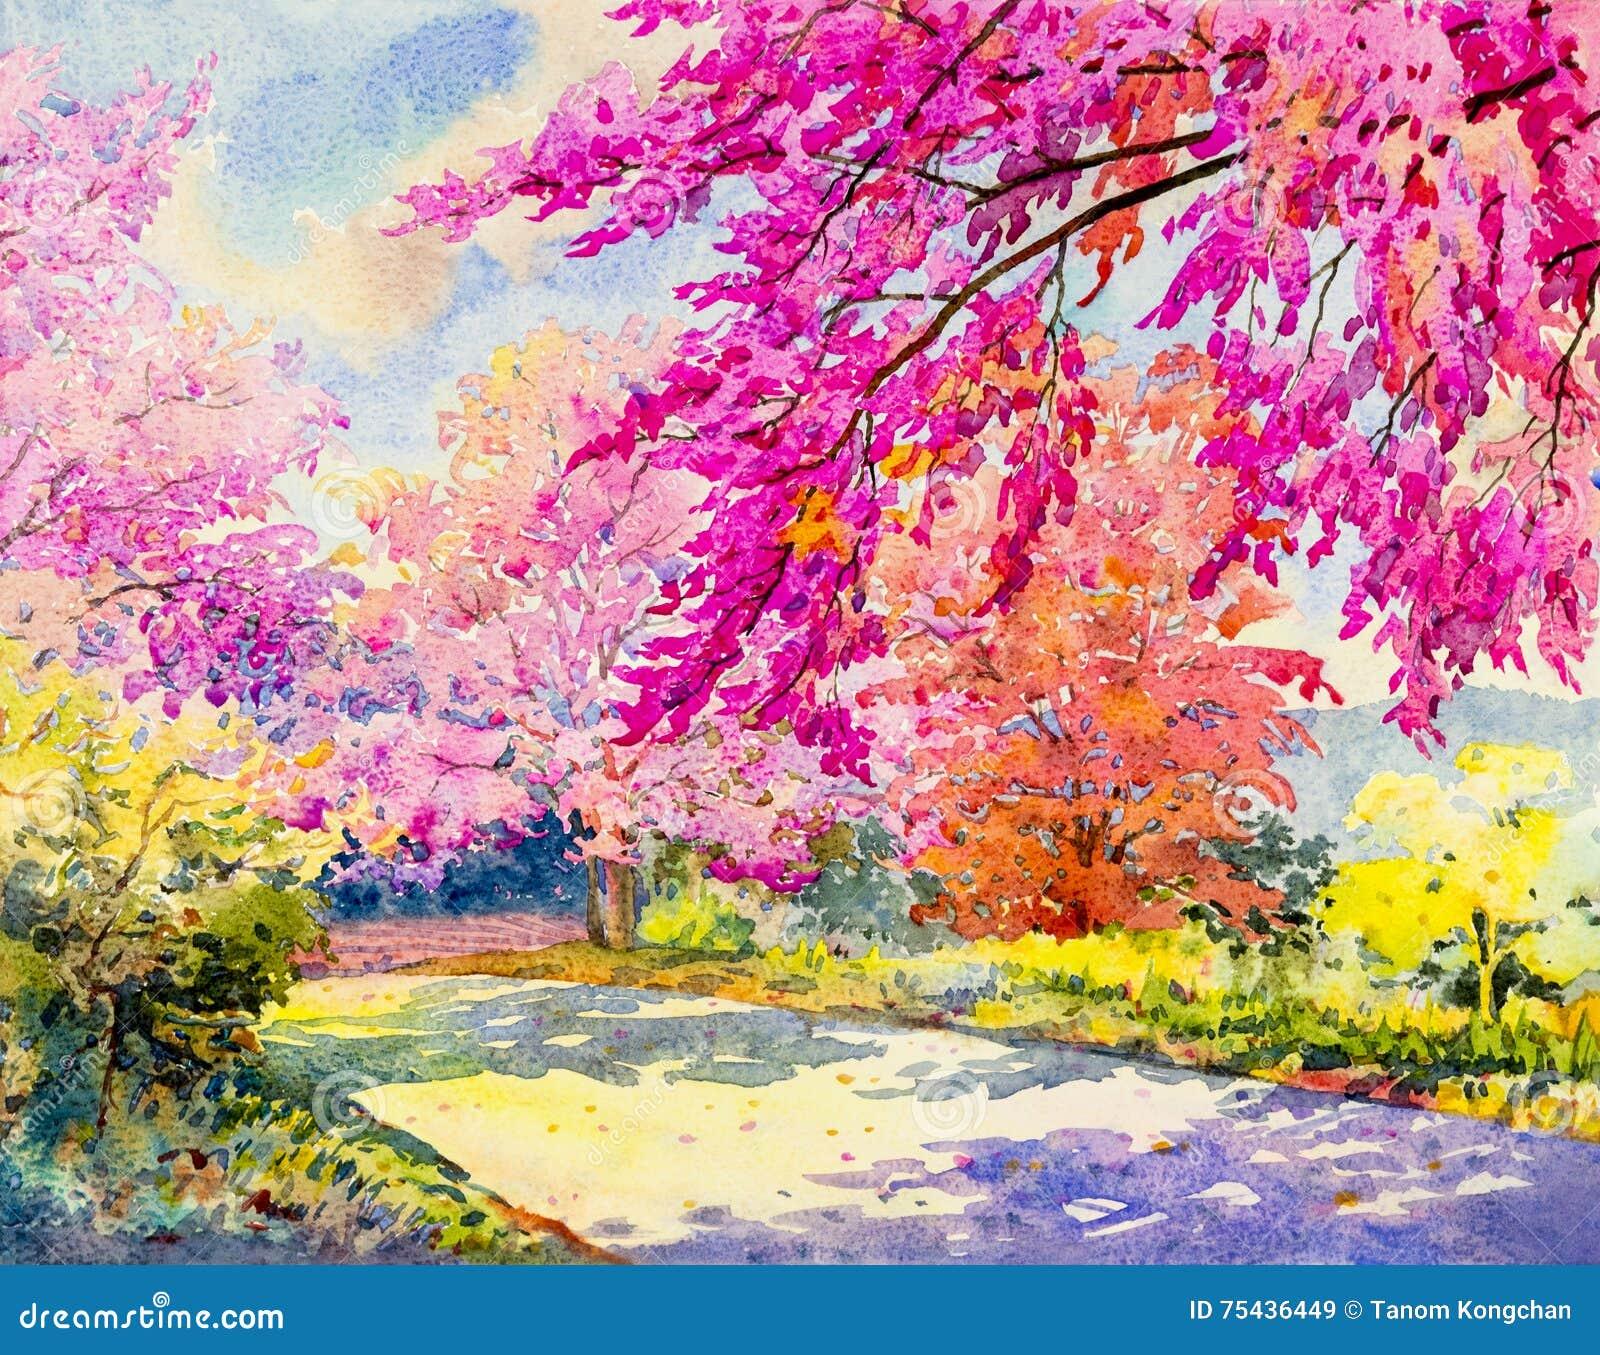 För landskapmålning för vattenfärg original- rosa färg av den lösa himalayan körsbäret